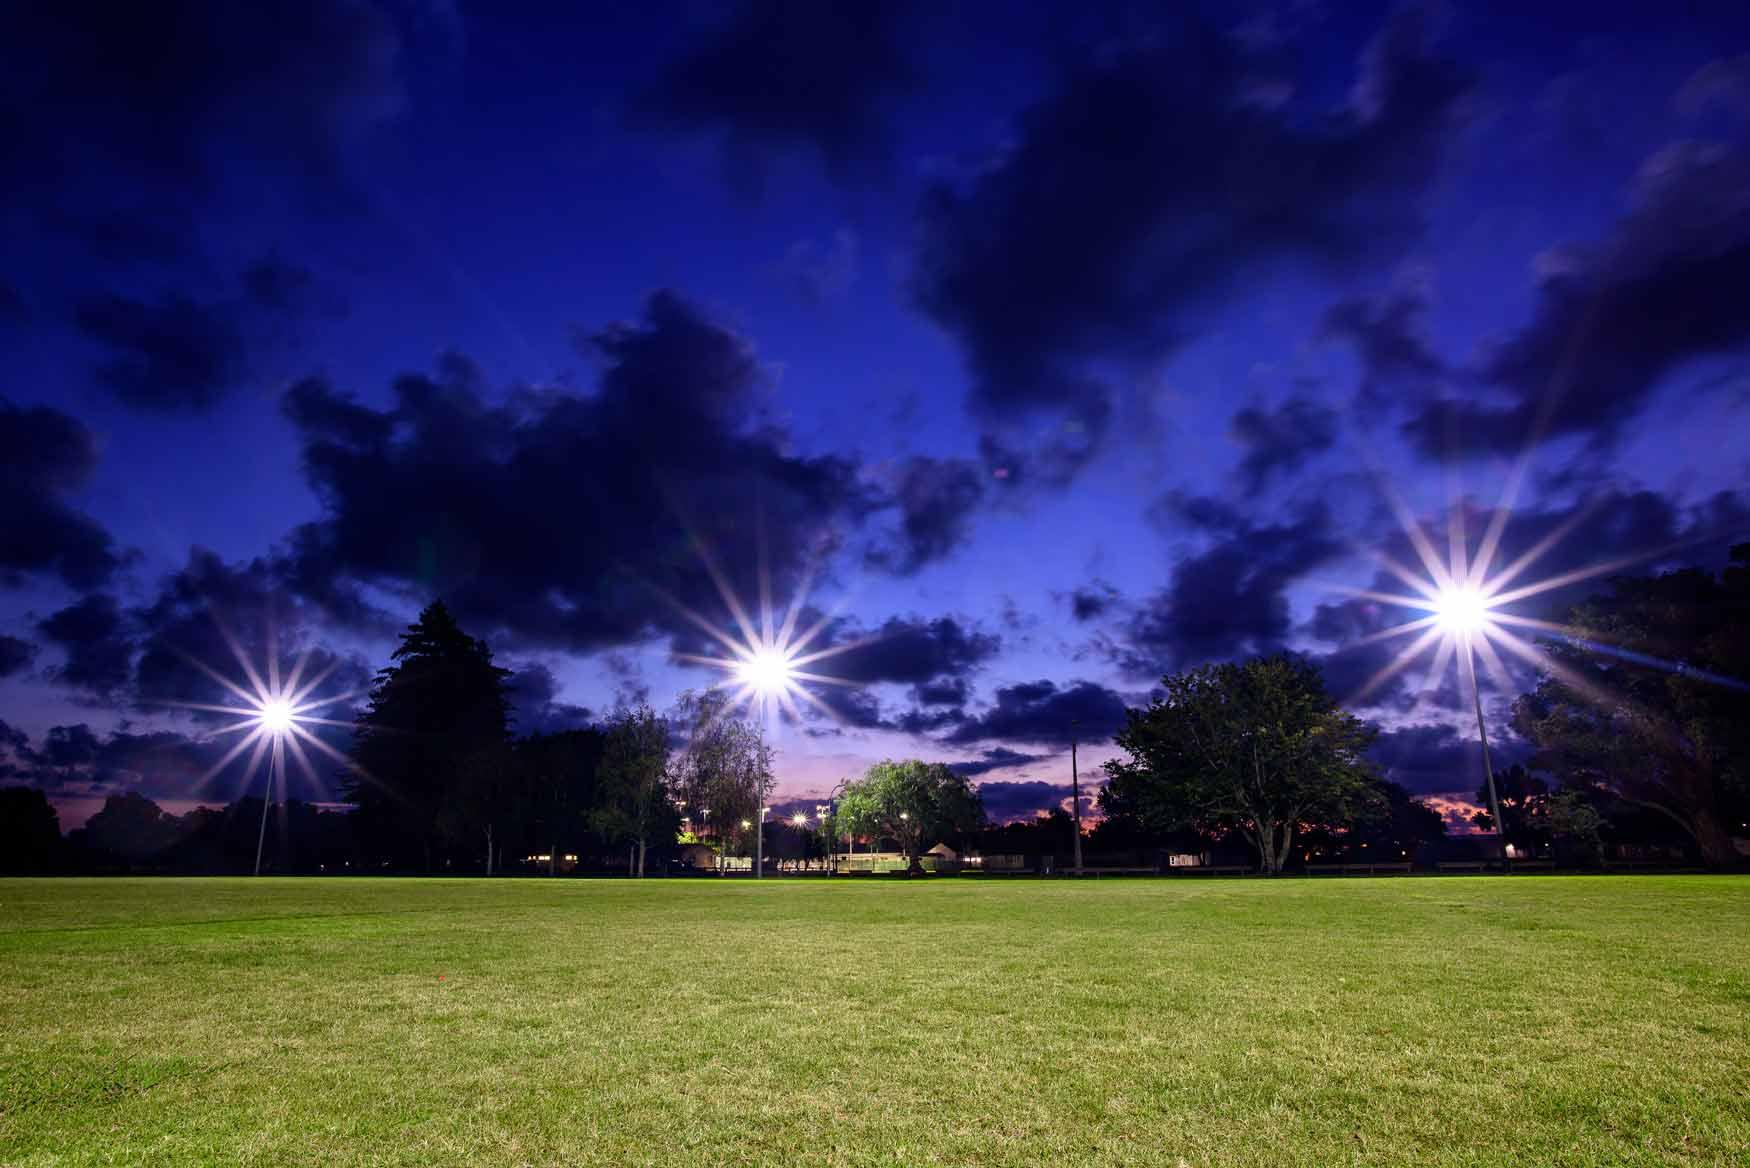 Rex-Morpeth-Park-Soccer-Field-Lights---0603199977.jpg